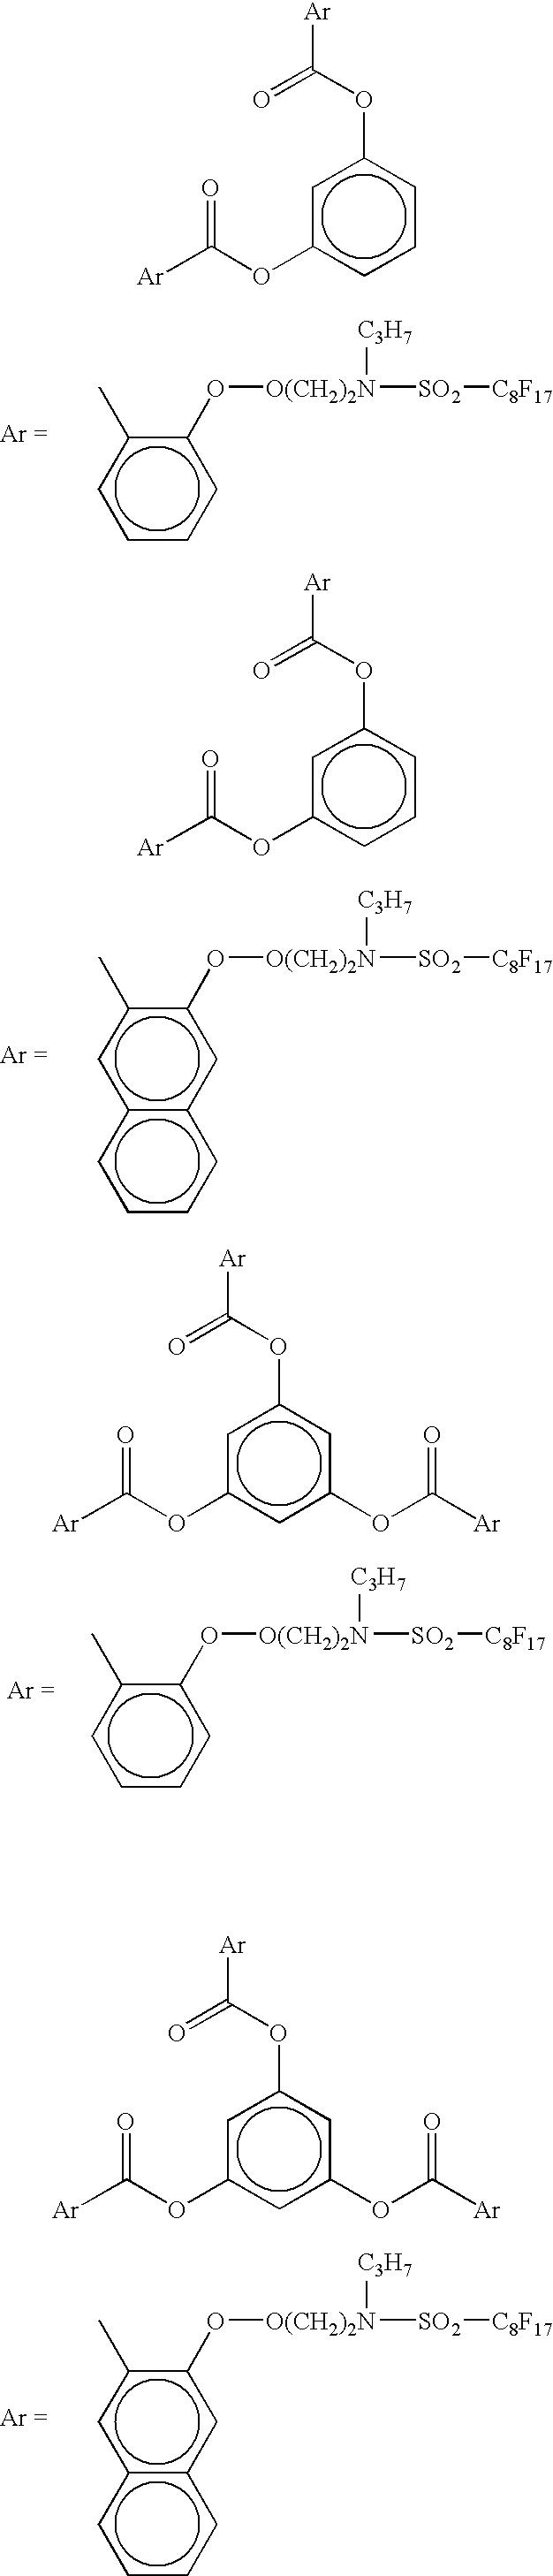 Figure US20050127326A1-20050616-C00012